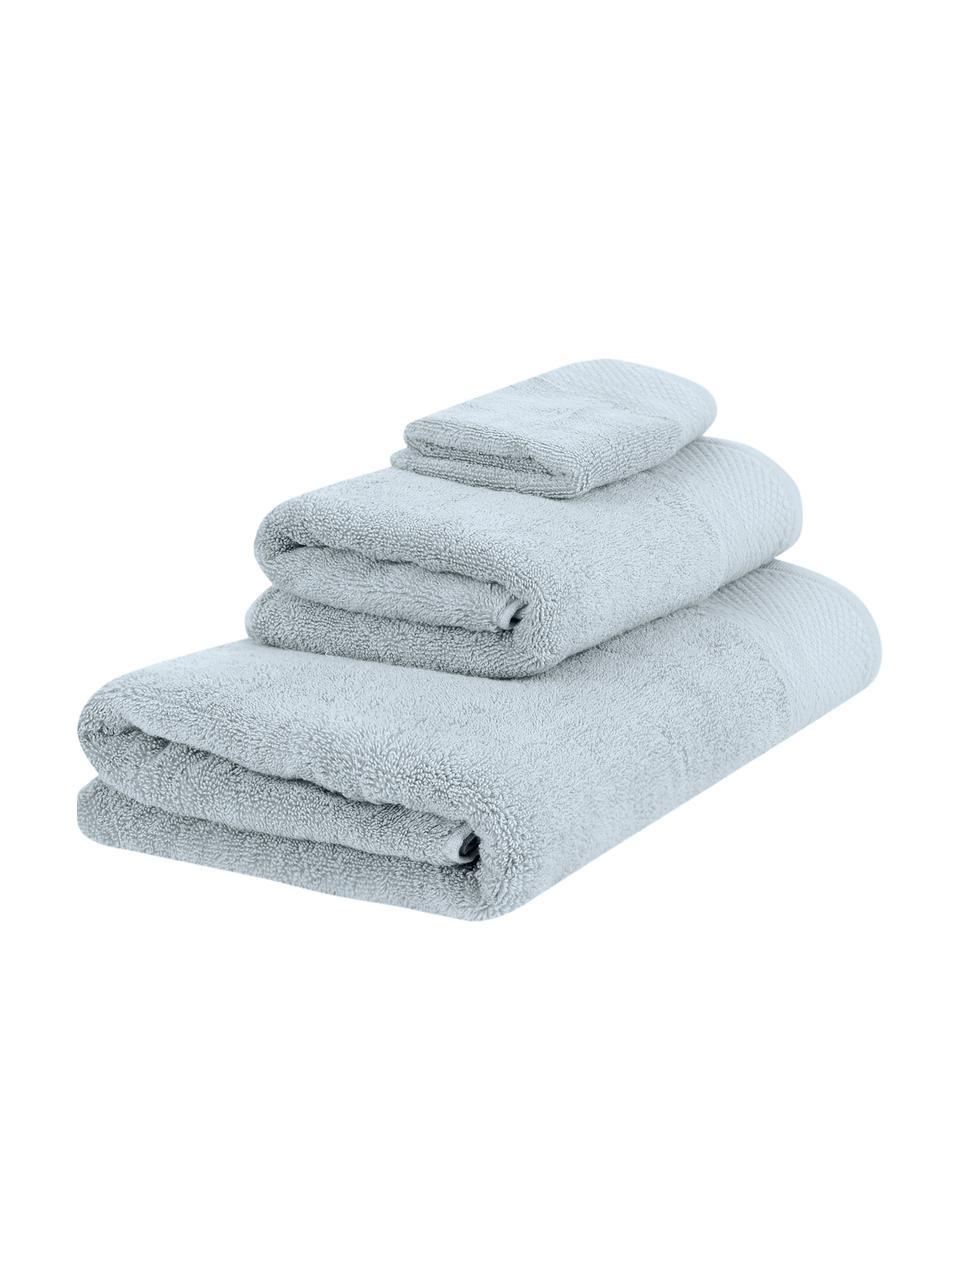 Komplet ręczników Premium, 3 elem., Jasny niebieski, Komplet z różnymi rozmiarami